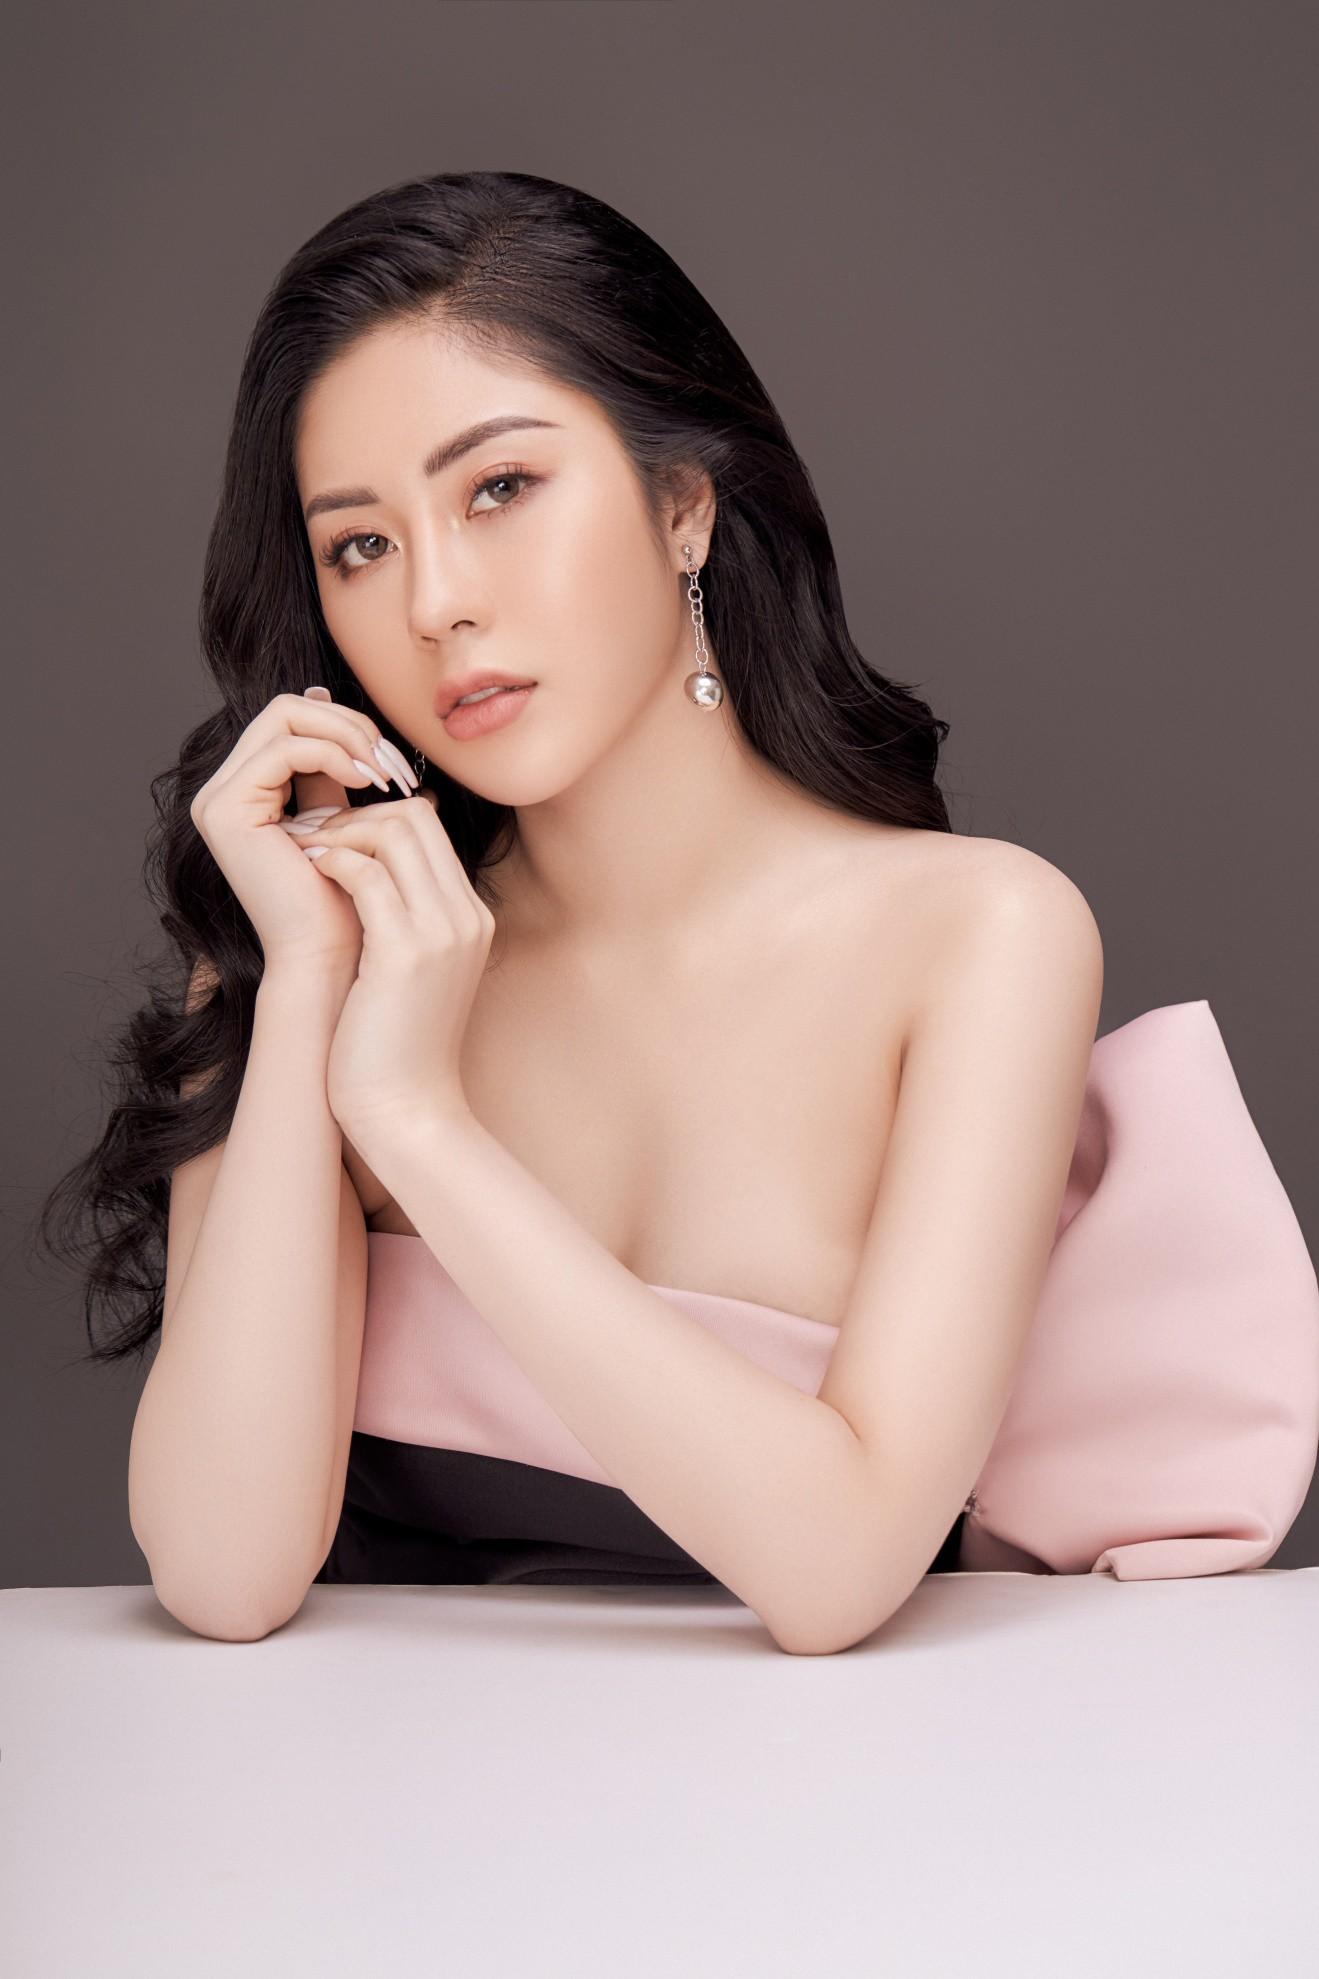 Người đẹp Tô Diệp Hà khoe vẻ gợi cảm sau 1 năm đăng quang - Ảnh 2.